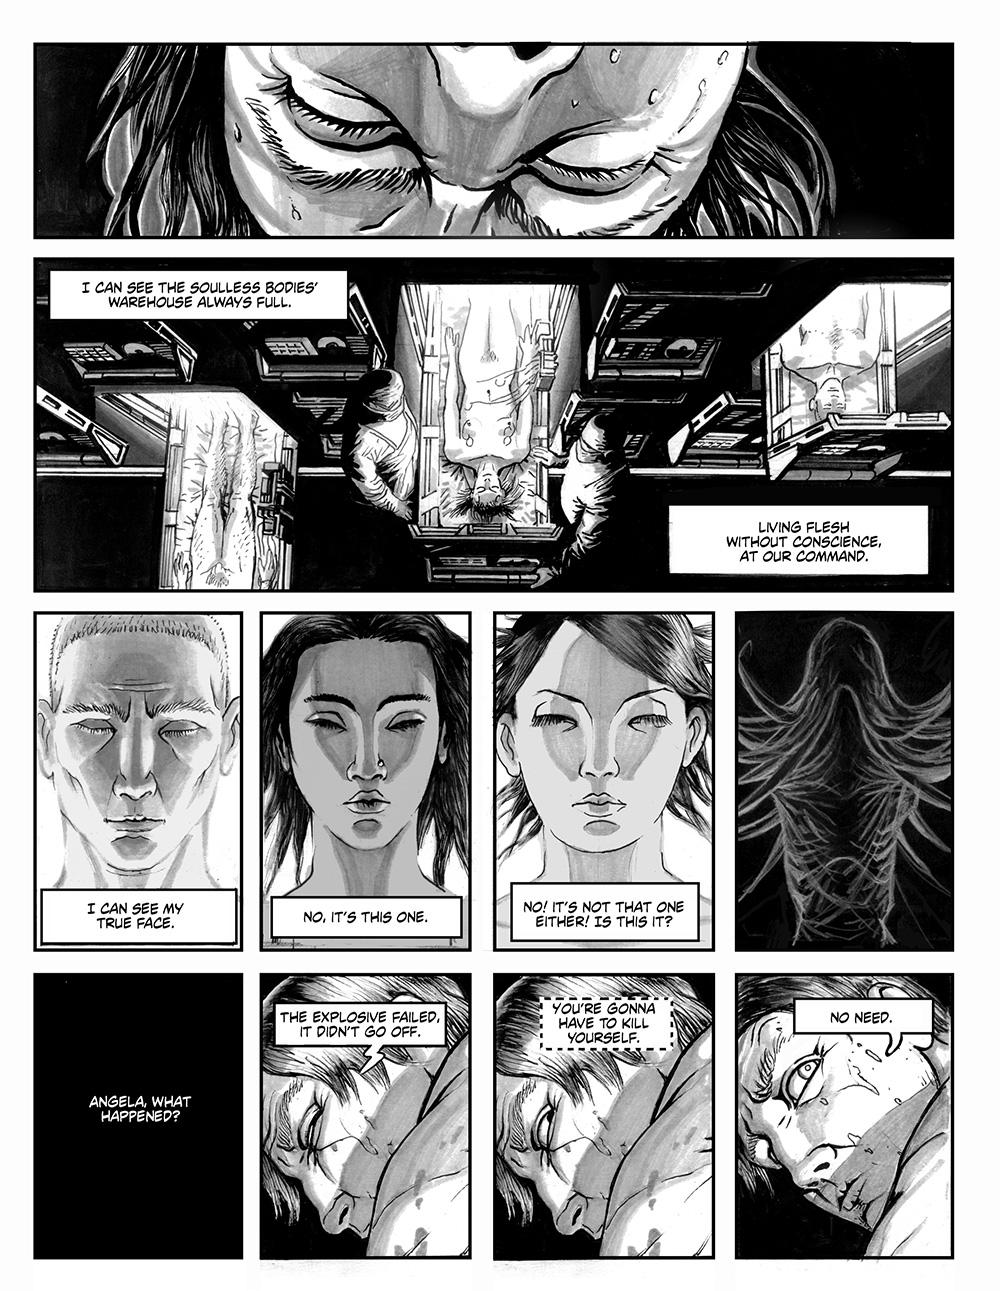 ANGELA DELLA MORTE Chapter #1 Page #11